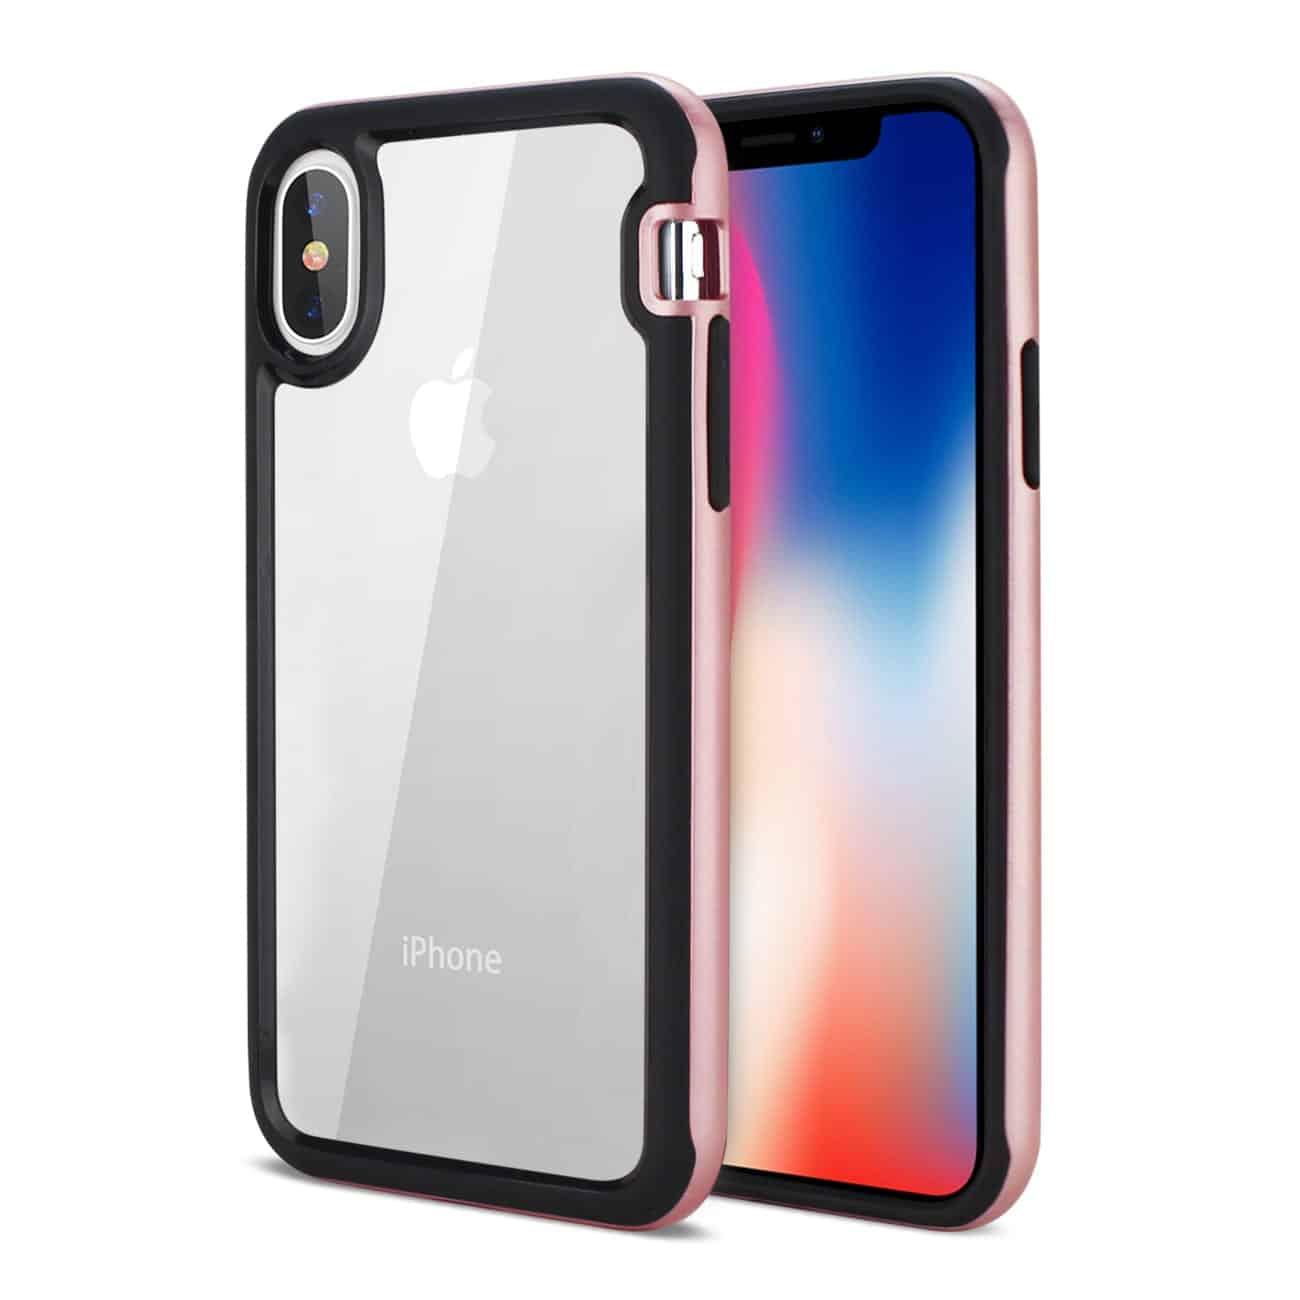 iPhone X Hard Transparent Plastic TPU Case In Clear Rose Gold